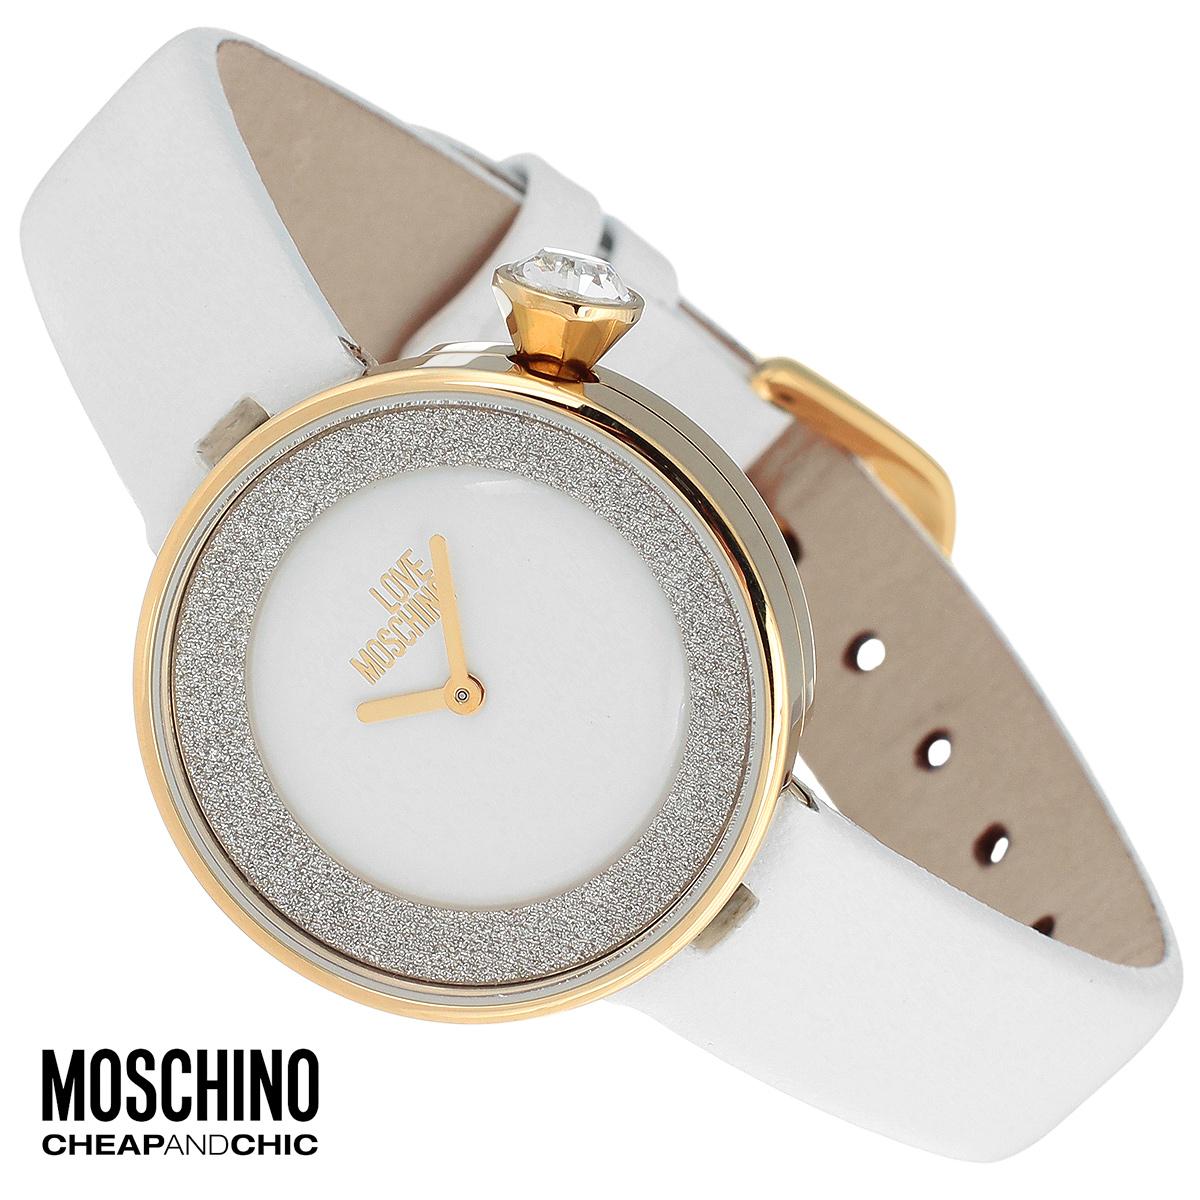 """Часы женские наручные Moschino, цвет: белый, золотой. MW0428MW0428Наручные часы от известного итальянского бренда Moschino - это не только стильный и функциональный аксессуар, но и современные технологи, сочетающиеся с экстравагантным дизайном и индивидуальностью. Часы Moschino оснащены кварцевым механизмом. Корпус выполнен из высококачественной нержавеющей стали с PVD-покрытием и по контуру циферблата декорирован блестками. Циферблат без отметок оформлен надписью """"Love Moschino и защищен минеральным стеклом. Часы имеют две стрелки - часовую и минутную. Ремешок часов выполнен из натуральной кожи и имеет классическую застежку. Часы упакованы в фирменную металлическую коробку с логотипом бренда. Часы Moschino благодаря своему уникальному дизайну отличаются от часов других марок своеобразными циферблатами, функциональностью, а также набором уникальных технических свойств. Каждой модели присуща легкая экстравагантность, самобытность и, безусловно, великолепный вкус. Характеристики: Диаметр..."""